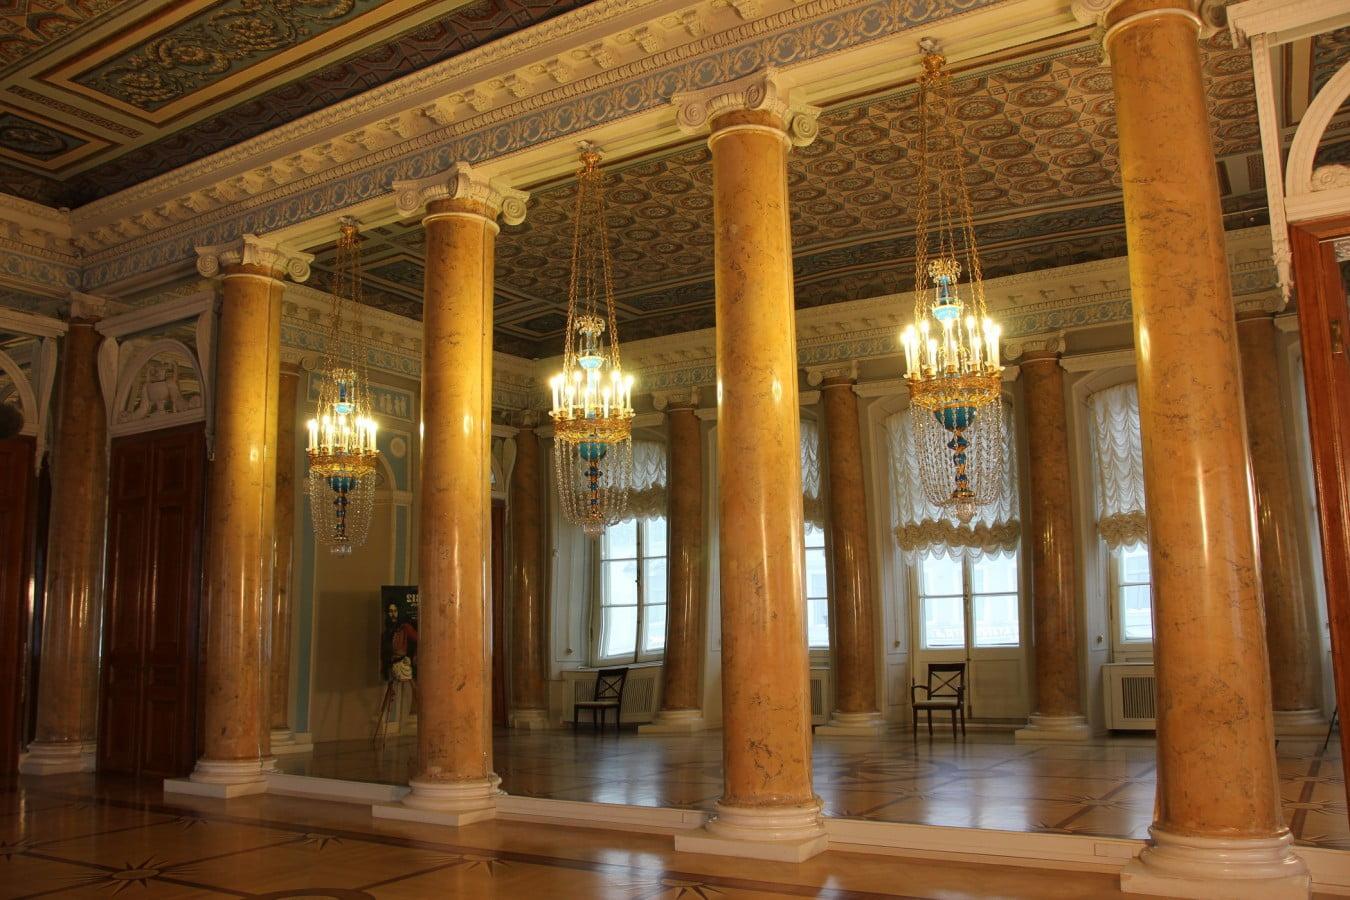 Строгановский дворец. Интерьер